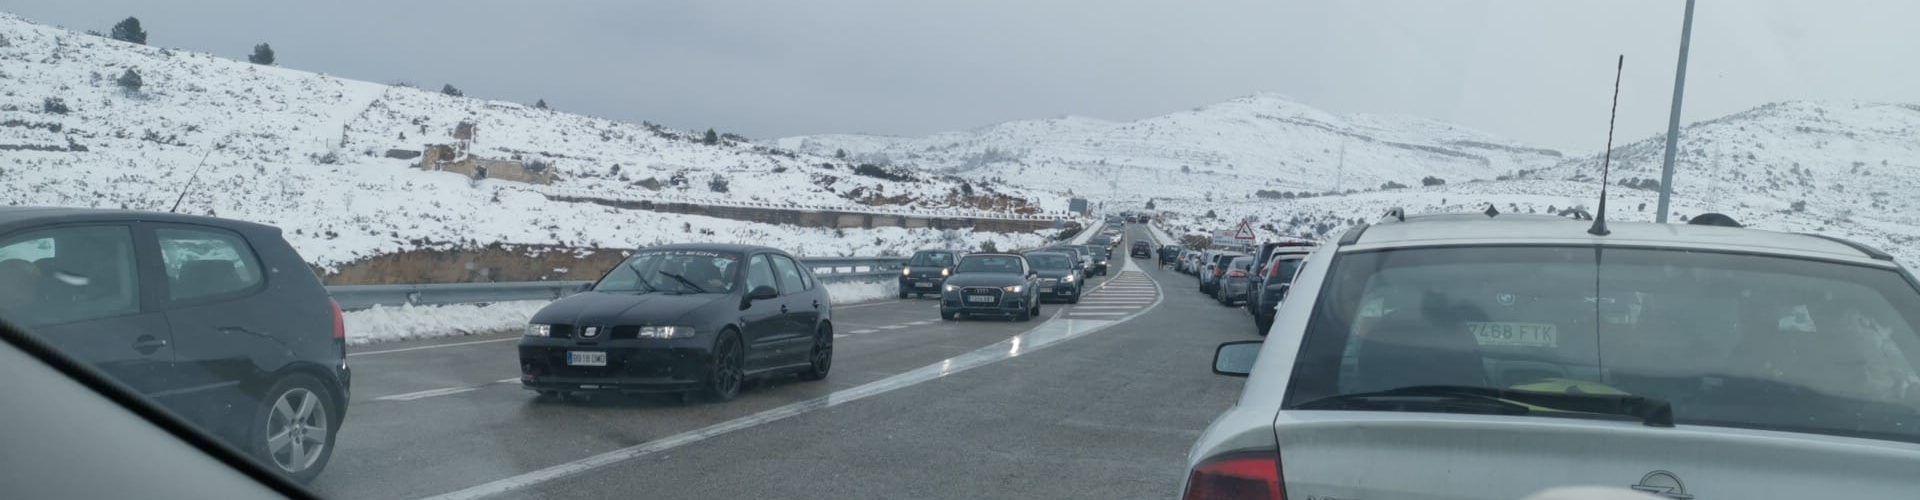 Colas de coches que iban a ver la nieve obstaculizaron trabajos de las quitanieves y servicios de emergencia